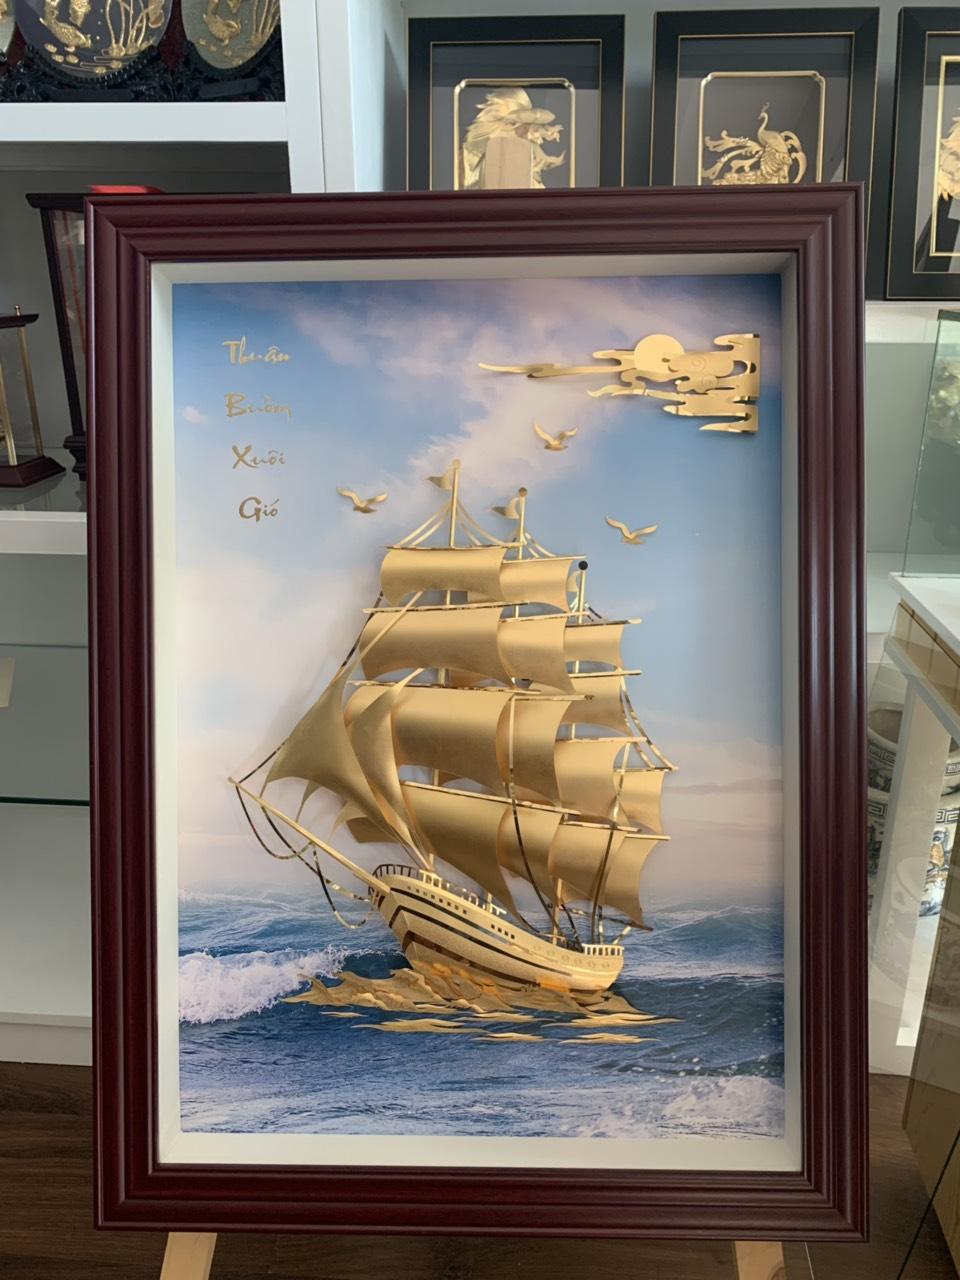 Tranh dát vàng thuyền buồm khung 27x34 cm đẹp tinh xảo